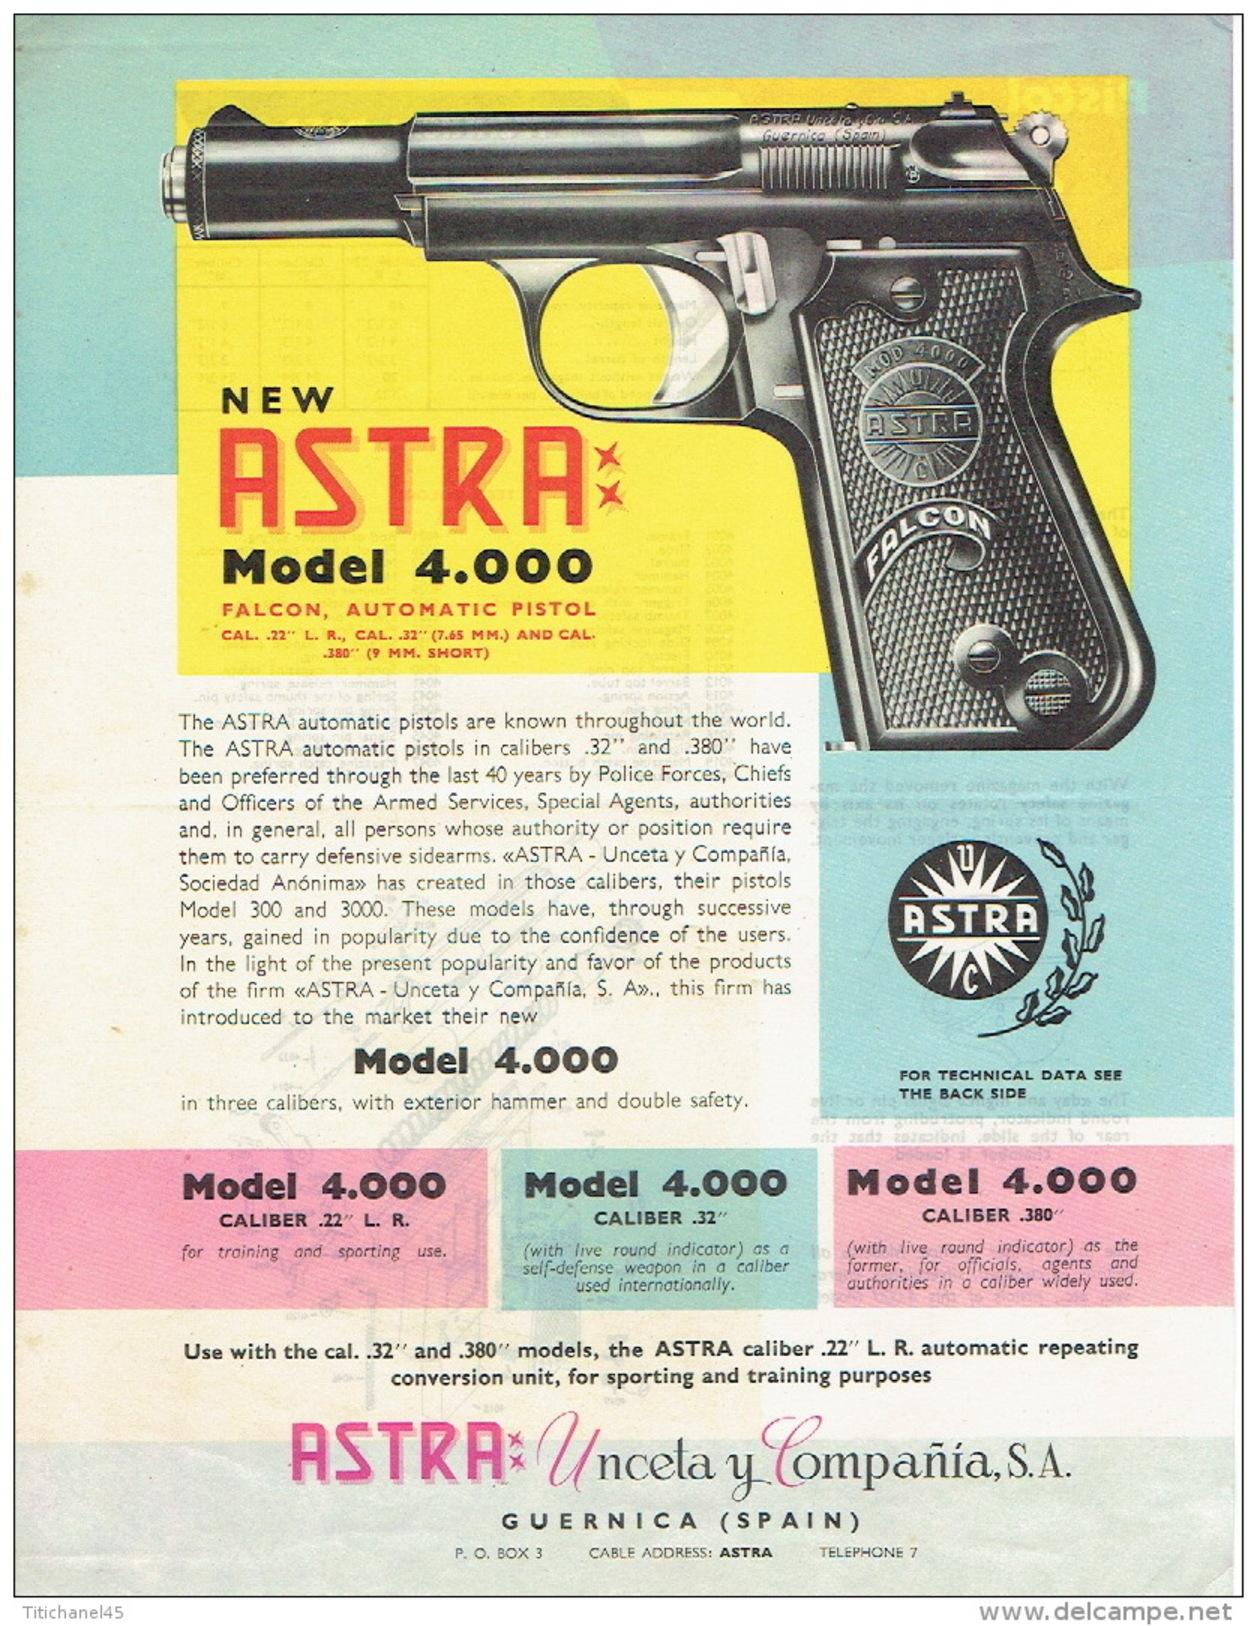 ARMES - Publicité Pistolet ASTRA Modèle 4.000 Falcon Automatic Pistol Cal. 22 L.R. - Cal. .32 - Cal. .380 - Decotatieve Wapens